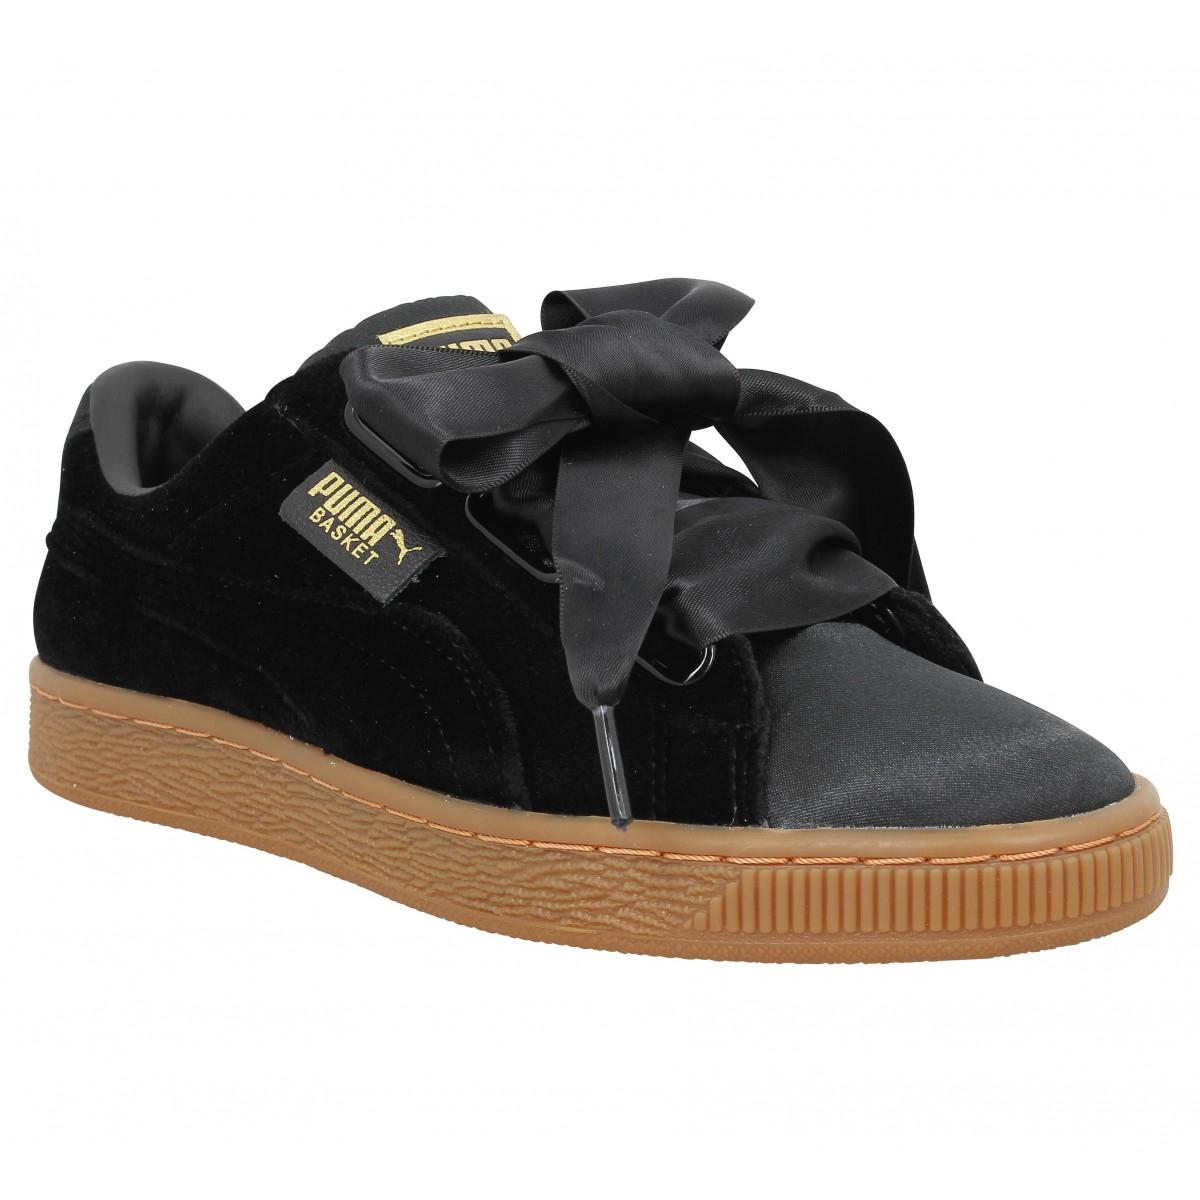 économiser 6186c 051eb Baskets Puma Suede Heart à 19,99€ - Noir ou Kaki - Tailles ...